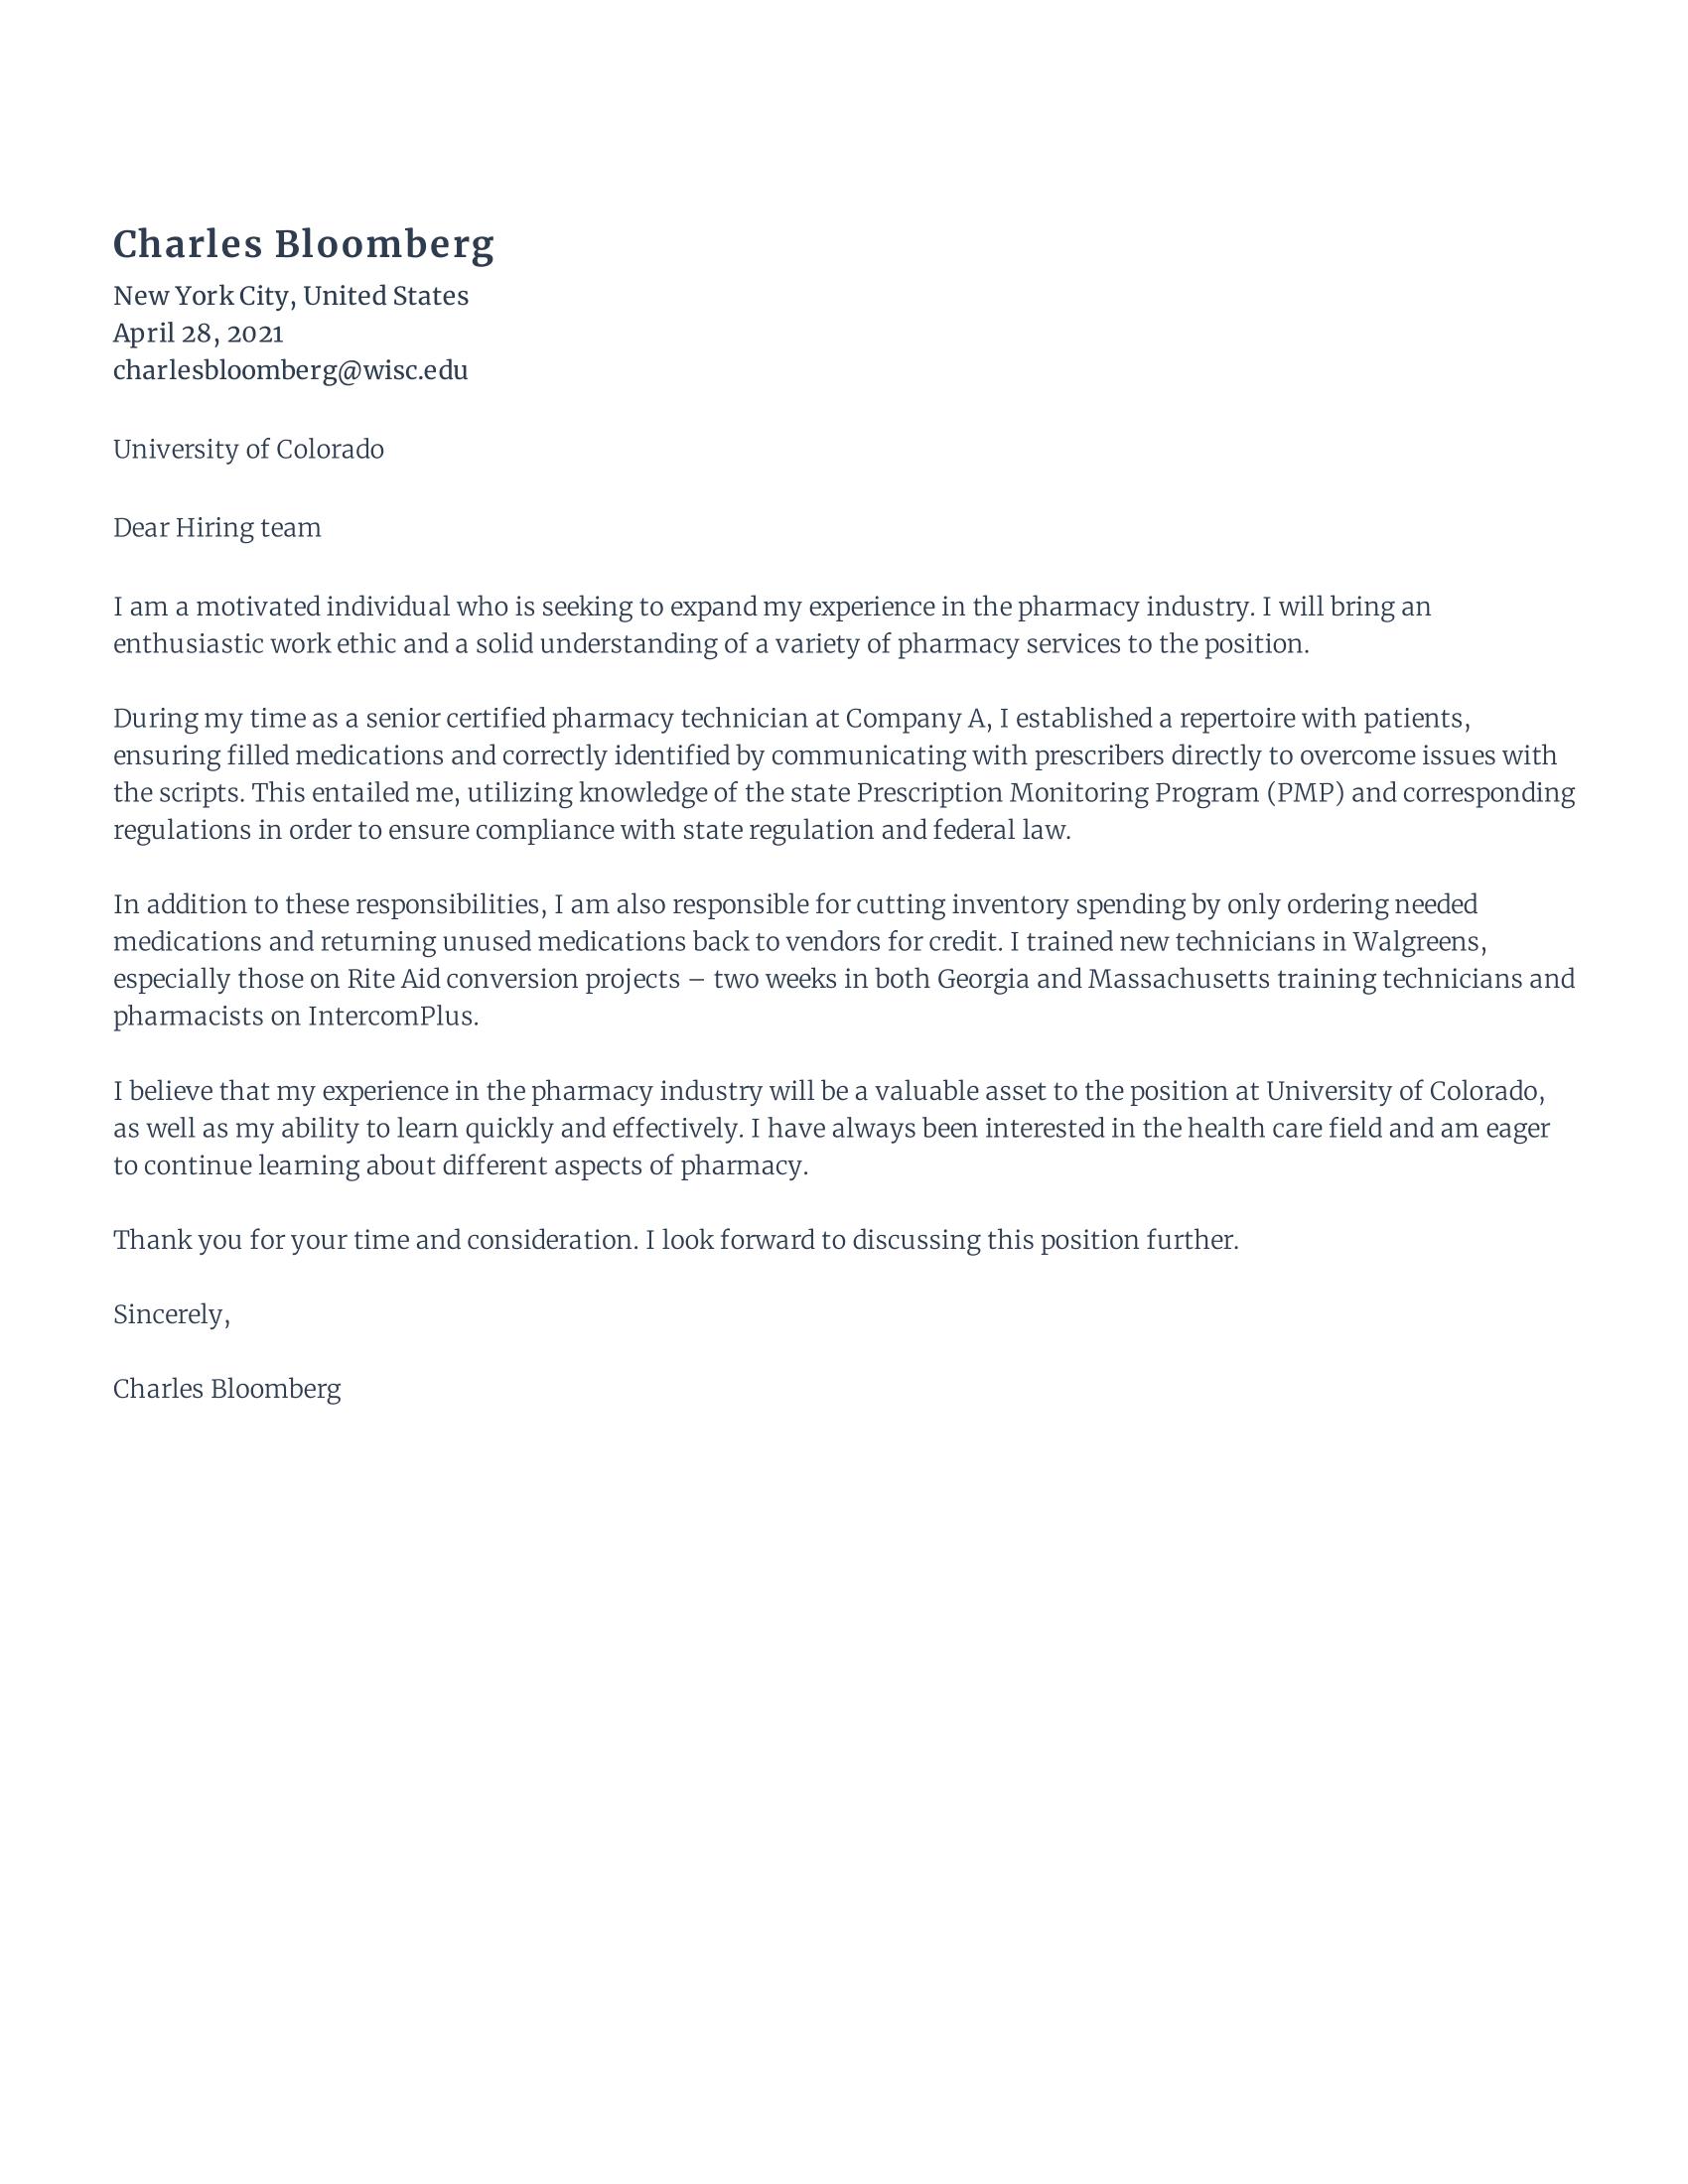 Pharmacy tech cover letter